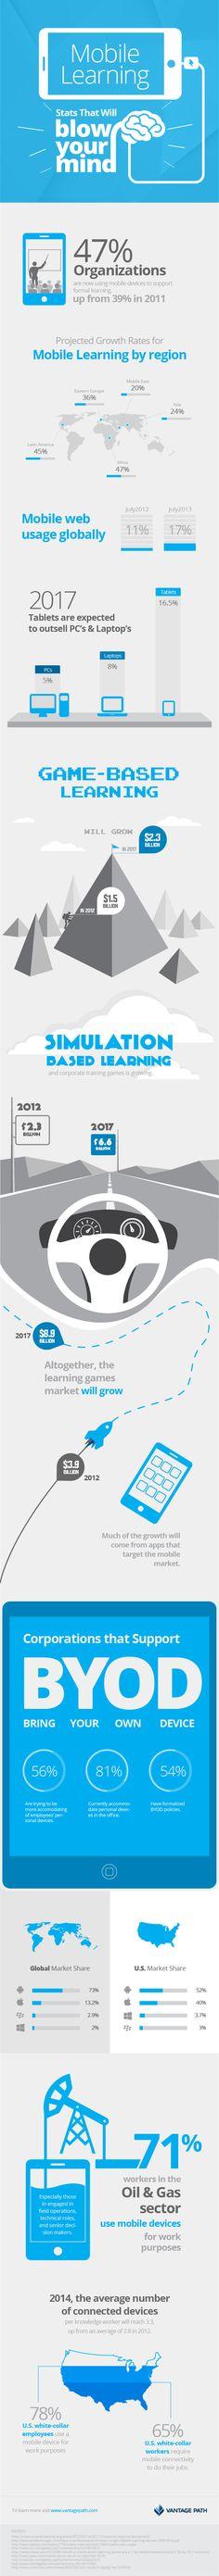 9 estadísticas sobre aprendizaje móvil impresionantes #infografia #infographic #education